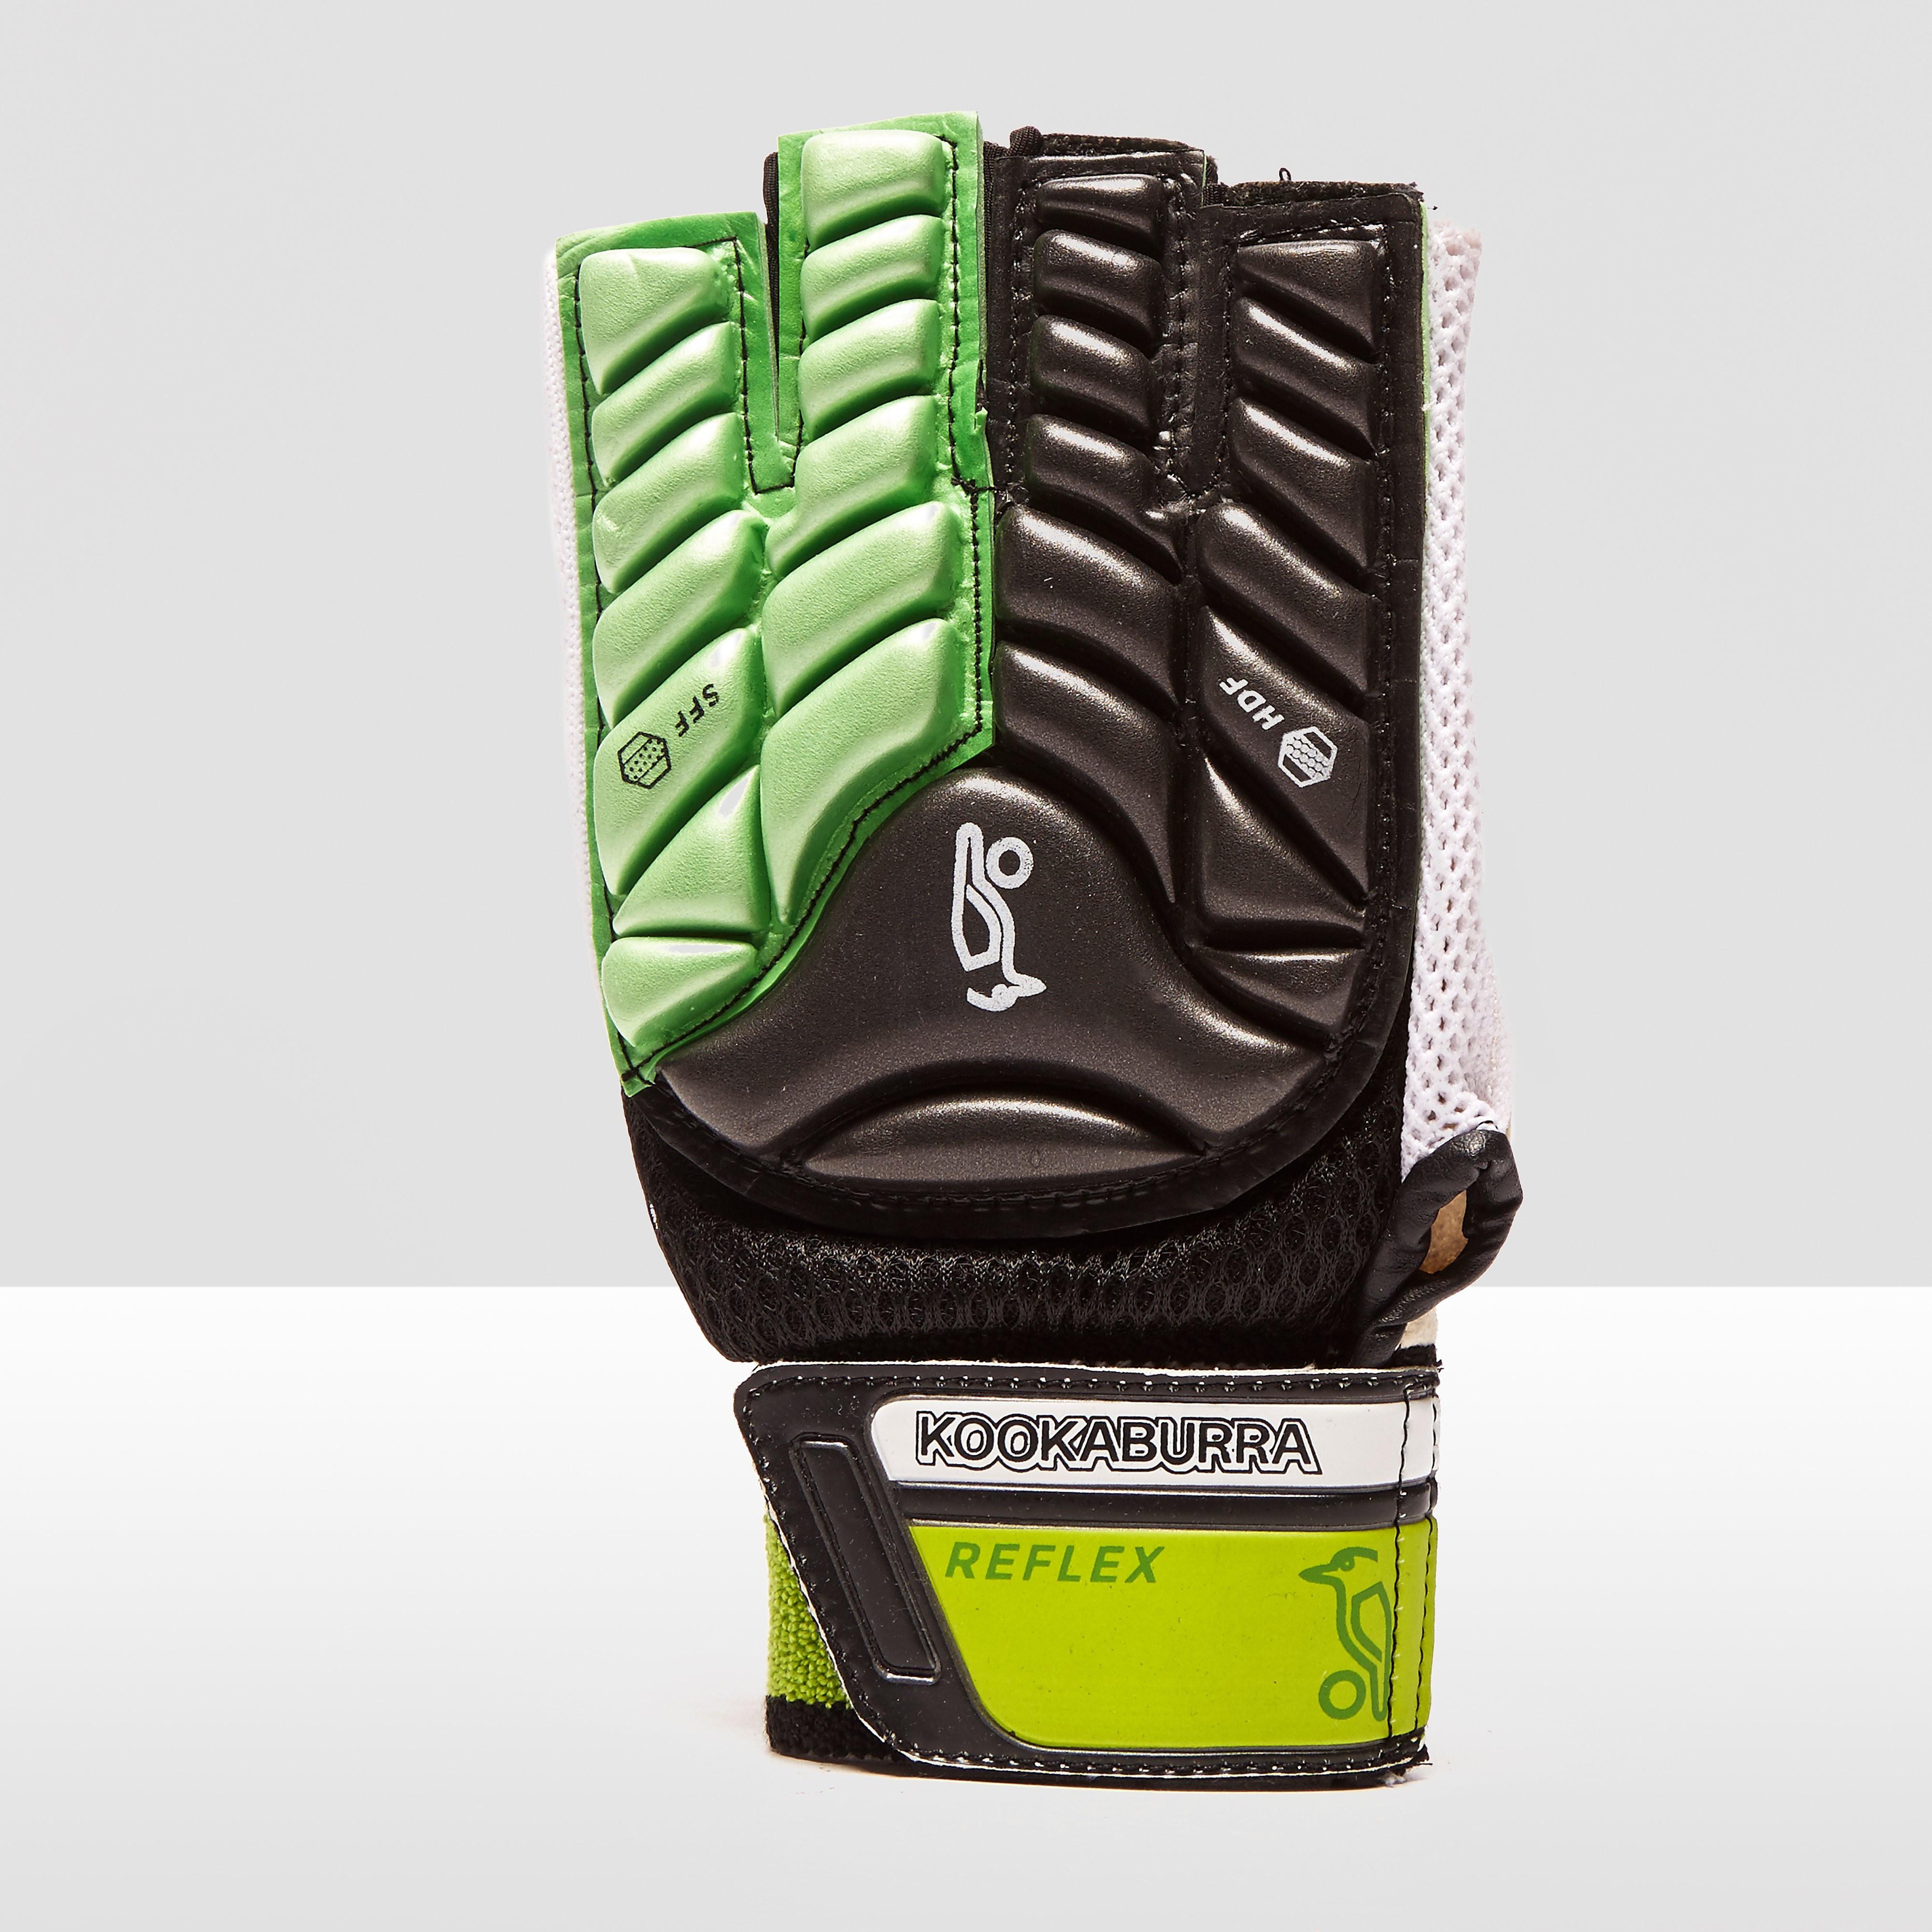 Kookaburra Reflex Right Hand Guard